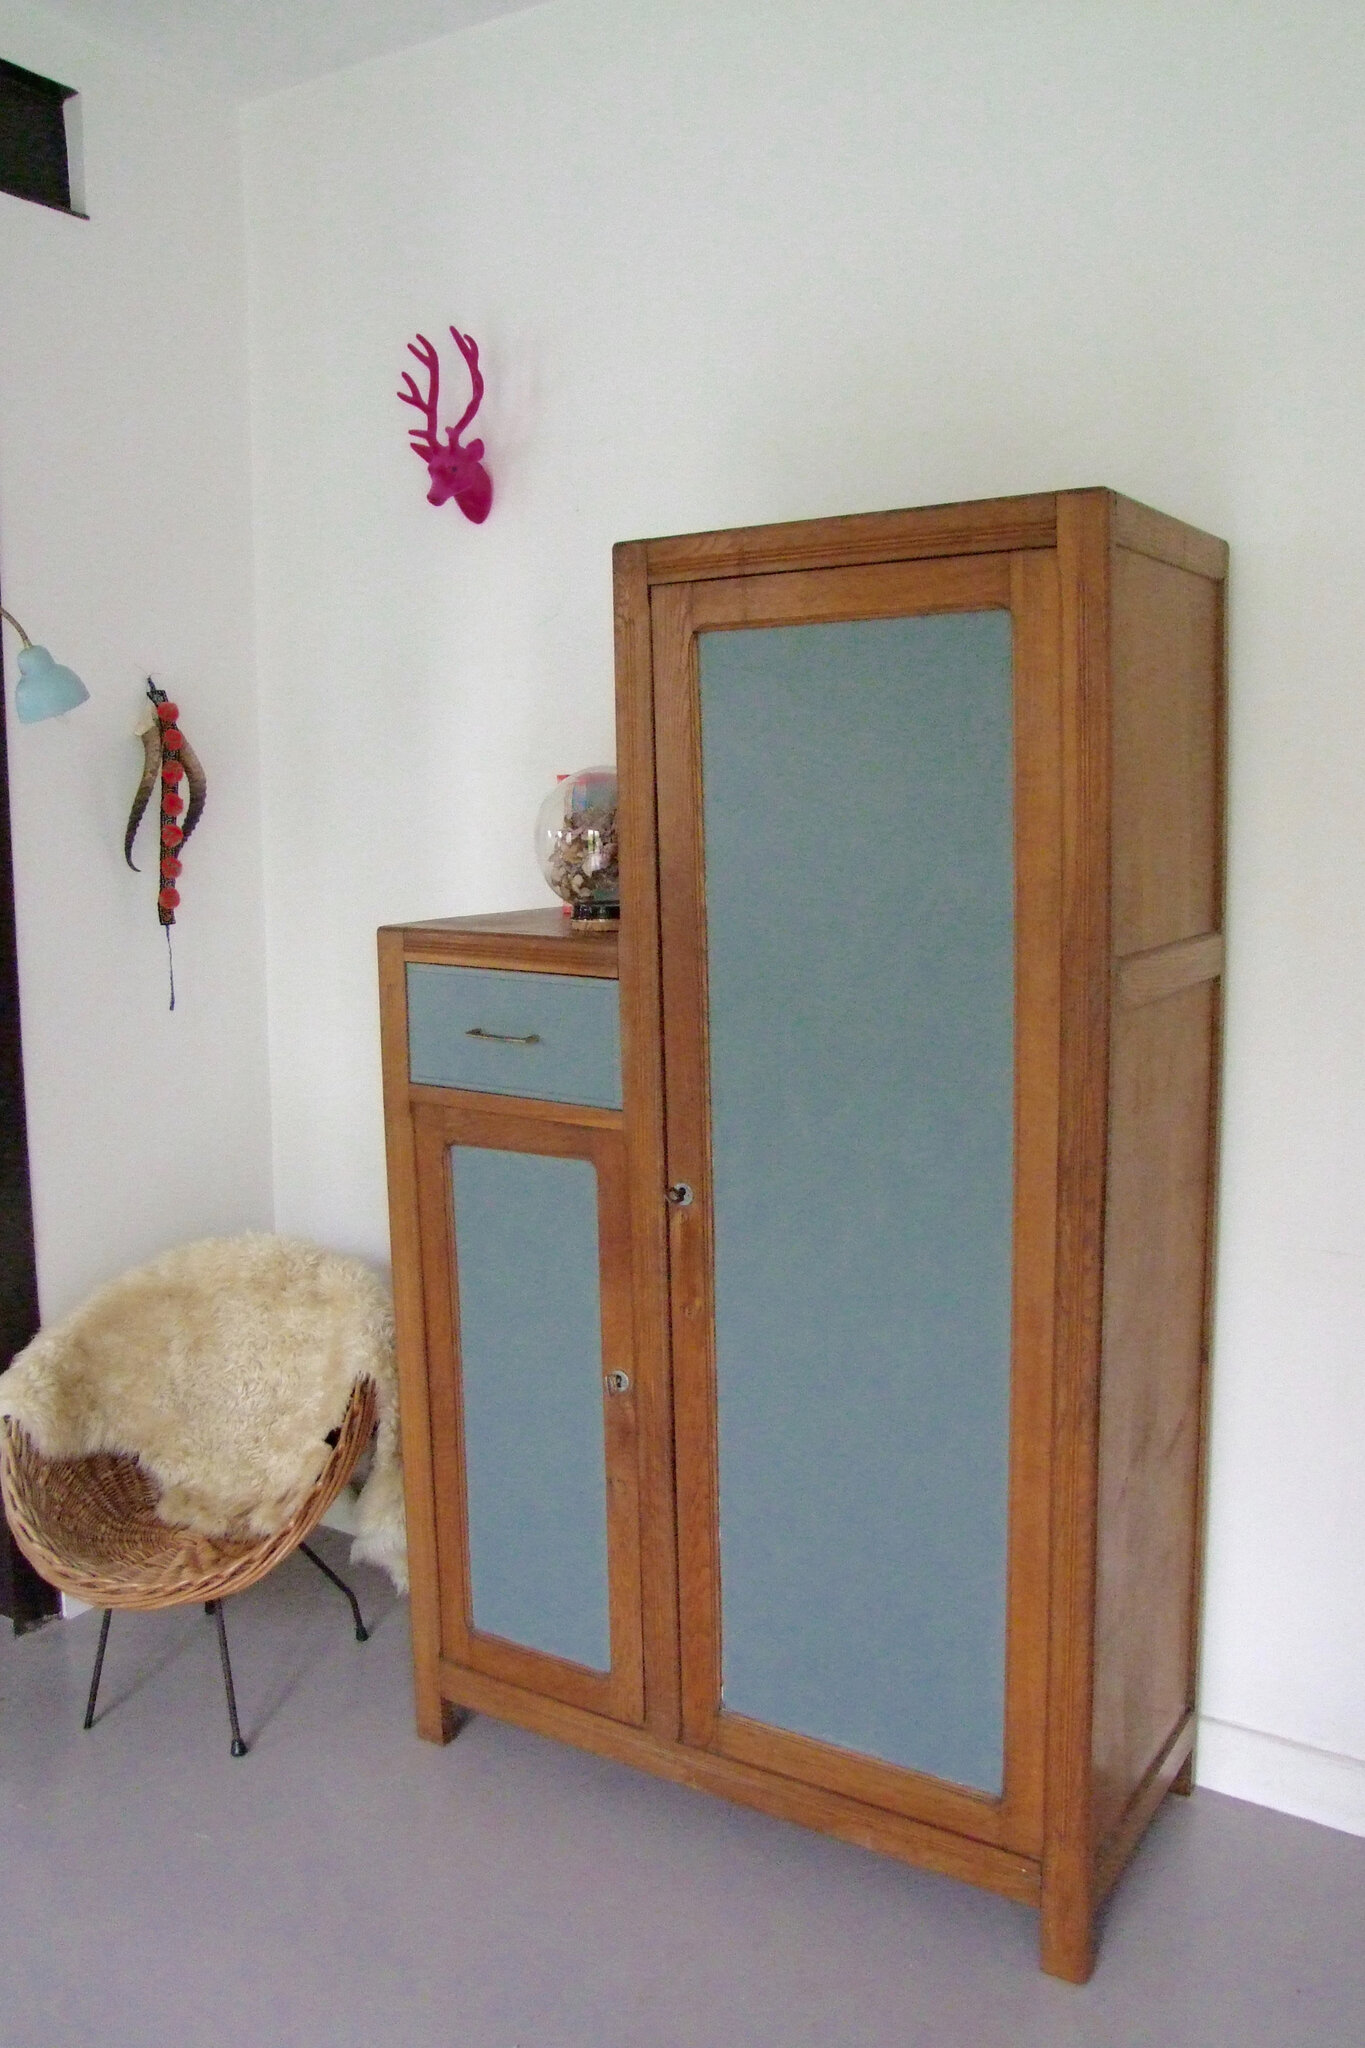 armoire vintage asymetrique gr ce meubles vintage pataluna chin s d nich s et d lur s. Black Bedroom Furniture Sets. Home Design Ideas